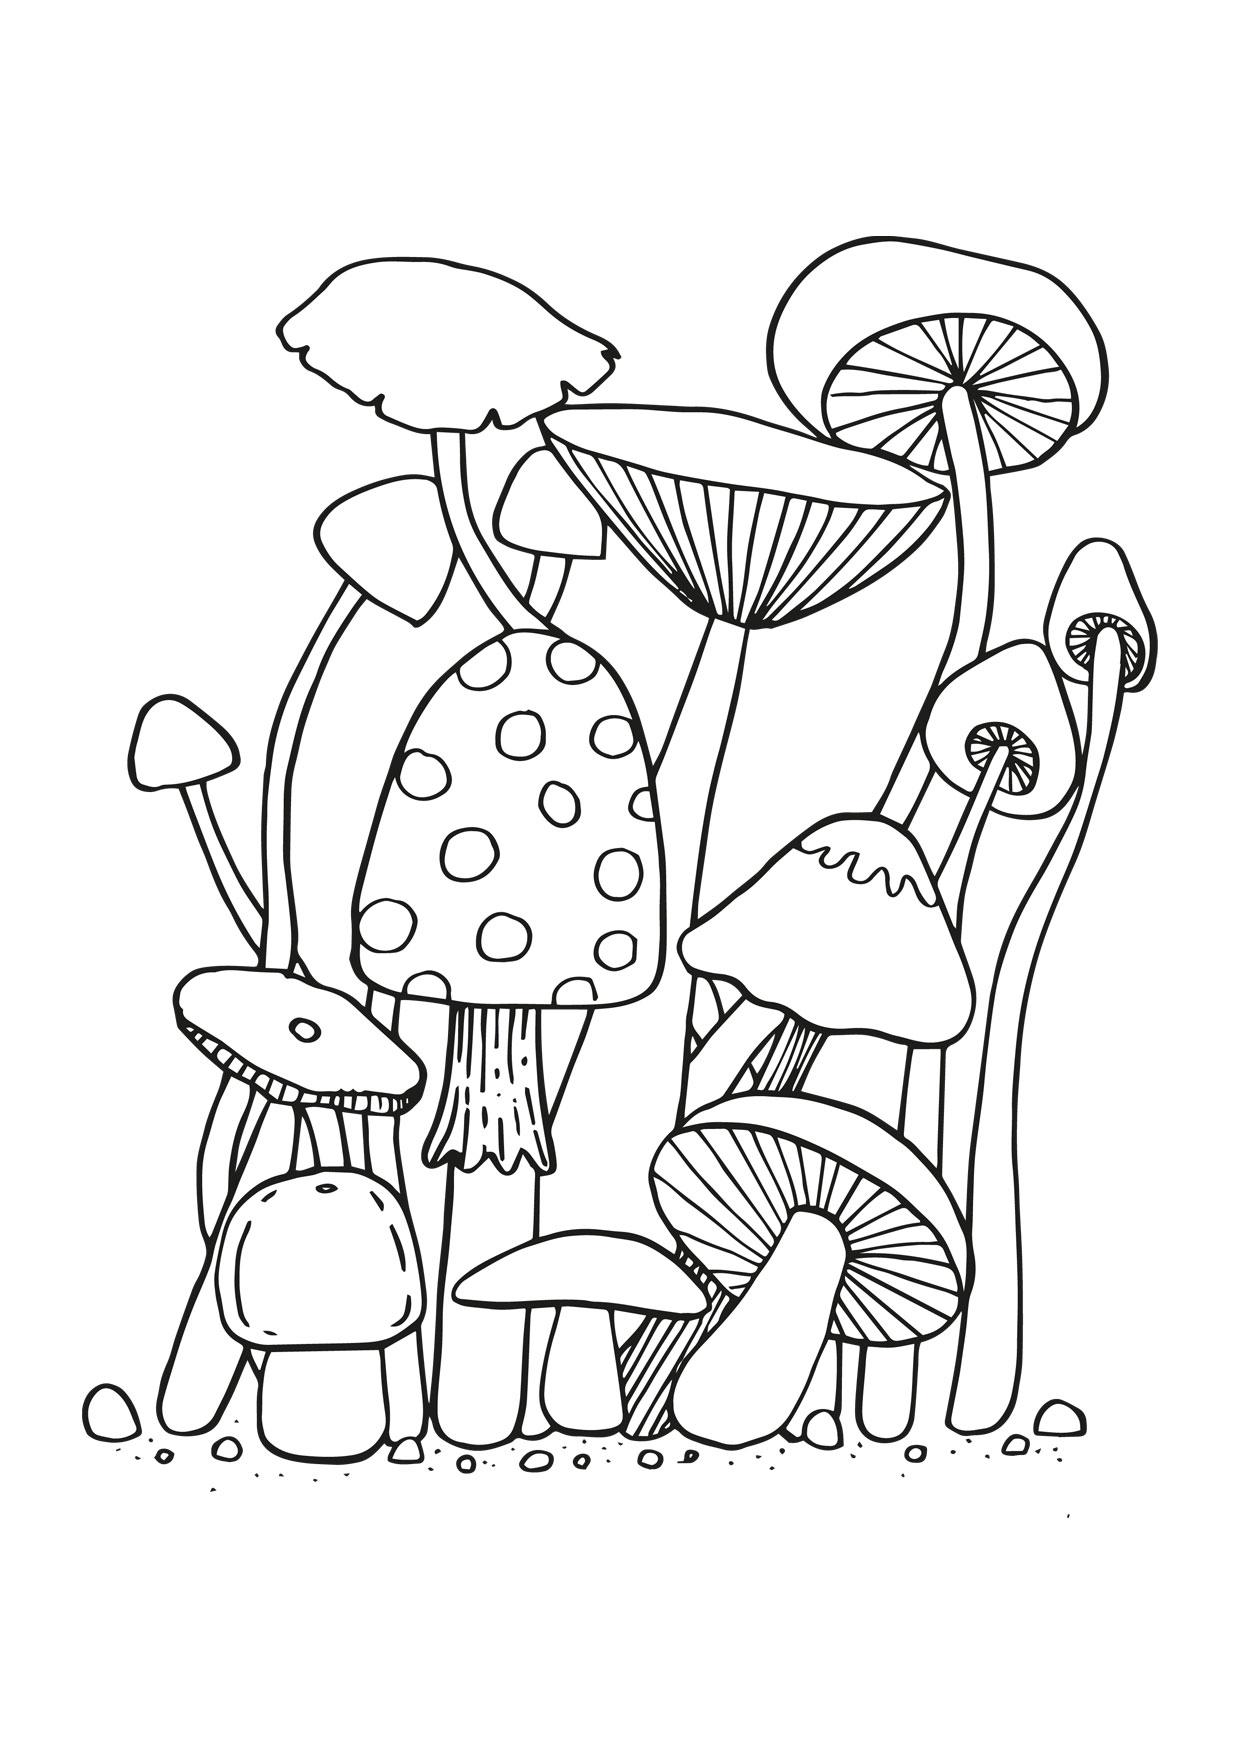 Disegno di funghi da colorare 14